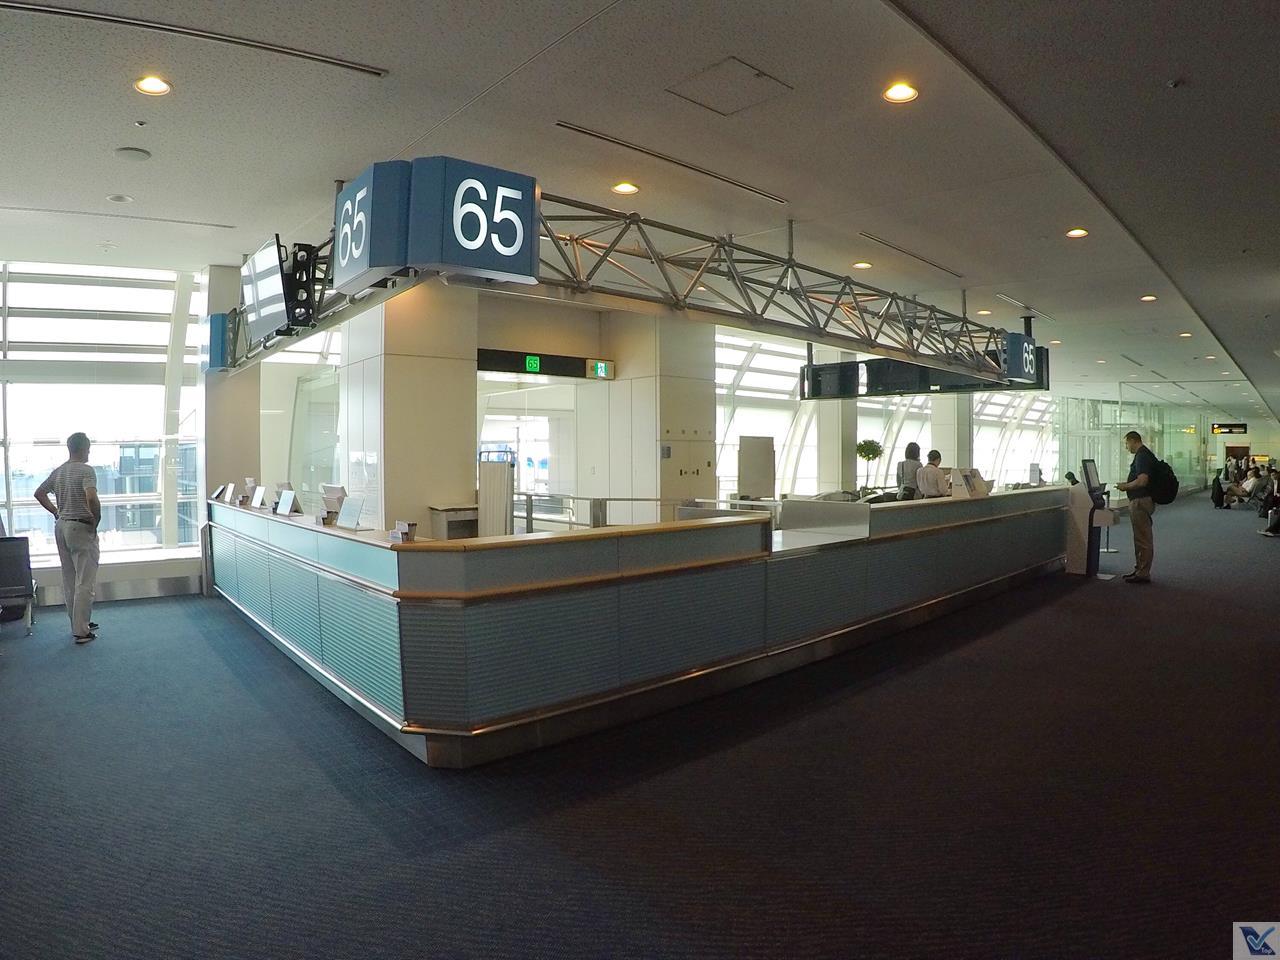 Portão 65 - Embarque ANA - Haneda 5